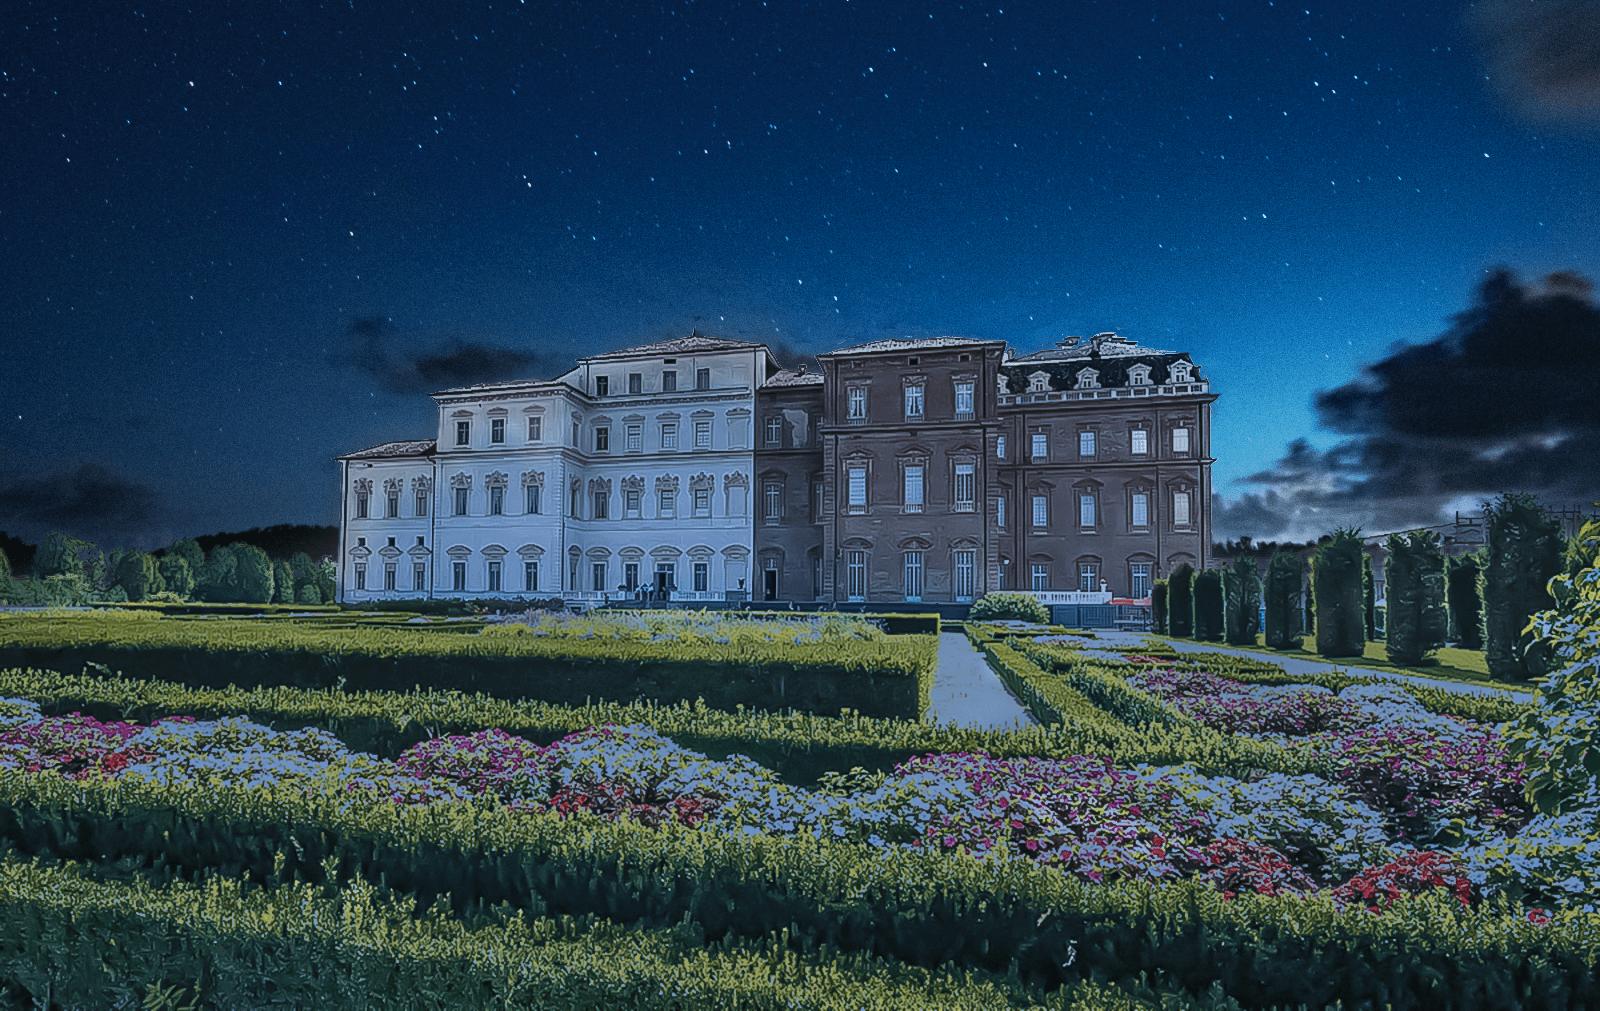 Una notte alla Reggia / Corollaria Grand Opening / Music & drink